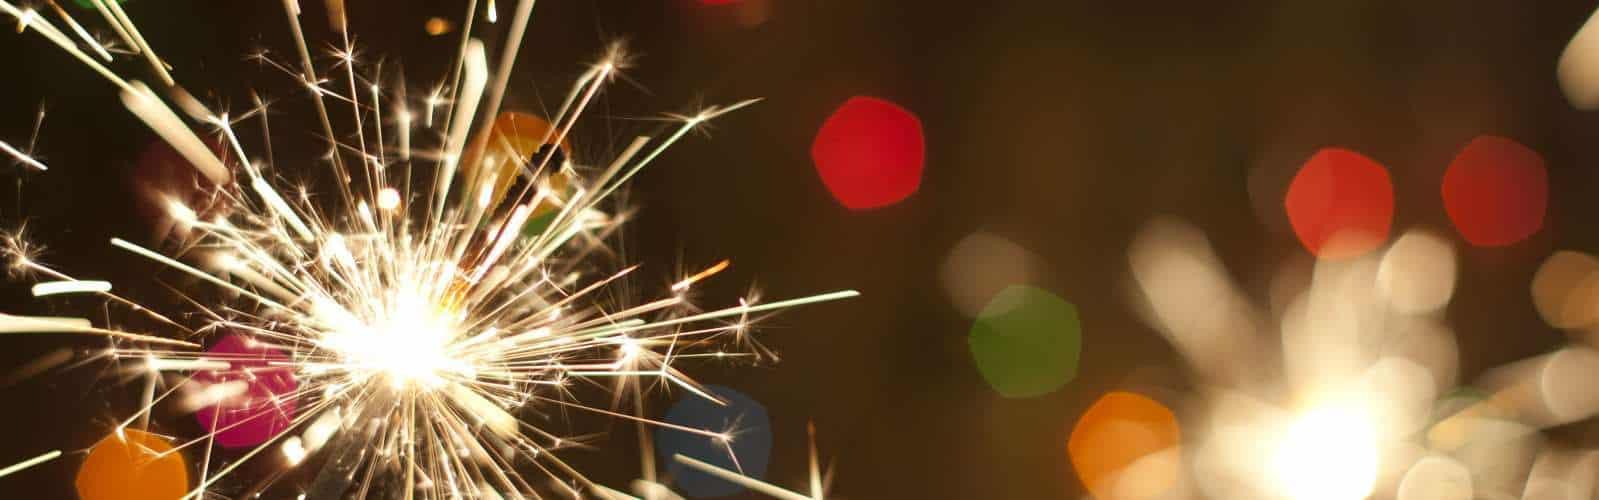 Weihnachtsfeier in Koblenz planen und mit b-ceed feiern